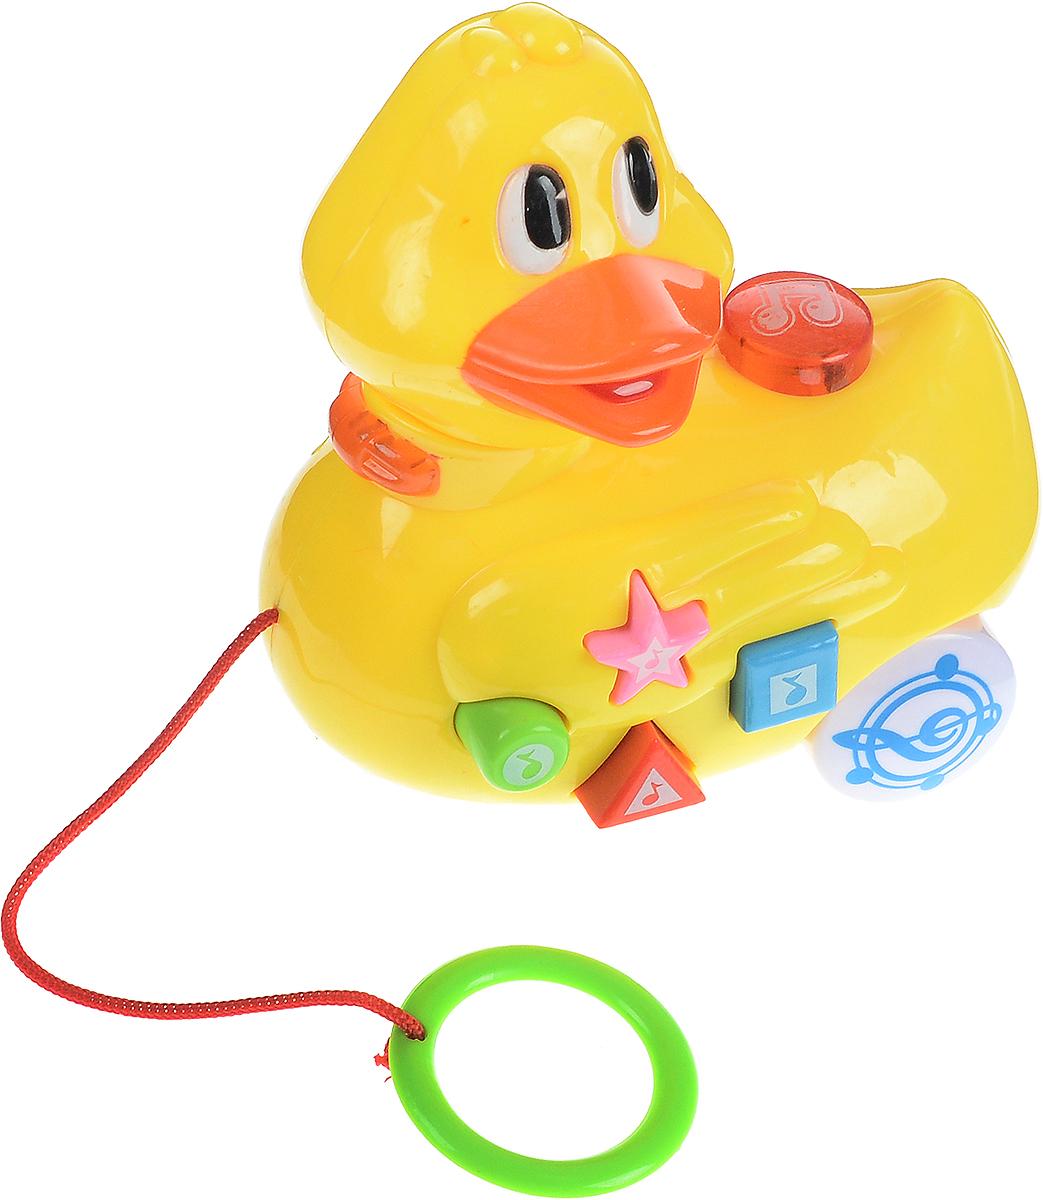 Умка Игрушка-каталка Музыкальная уточка с потешкамиB795360-RИгрушка-каталка Умка Музыкальная уточка с потешками станет любимой игрушкой вашего малыша. Изделие выполнено из высококачественного материала, экологически безопасного для ребенка, использованные красители не токсичны. Яркая уточка с разноцветными кнопочками обязательно заинтересует ребенка. Игрушка-каталка содержит 12 потешек и имеет световые эффекты. Голова-трещотка. Такая игрушка будет подталкивать ребенка больше ходить, развивает мелкую моторику, координацию движений, а также цветовое и звуковое восприятие. Рекомендуется докупить 2 батарейки напряжением 1,5V типа АА (товар комплектуется демонстрационными).